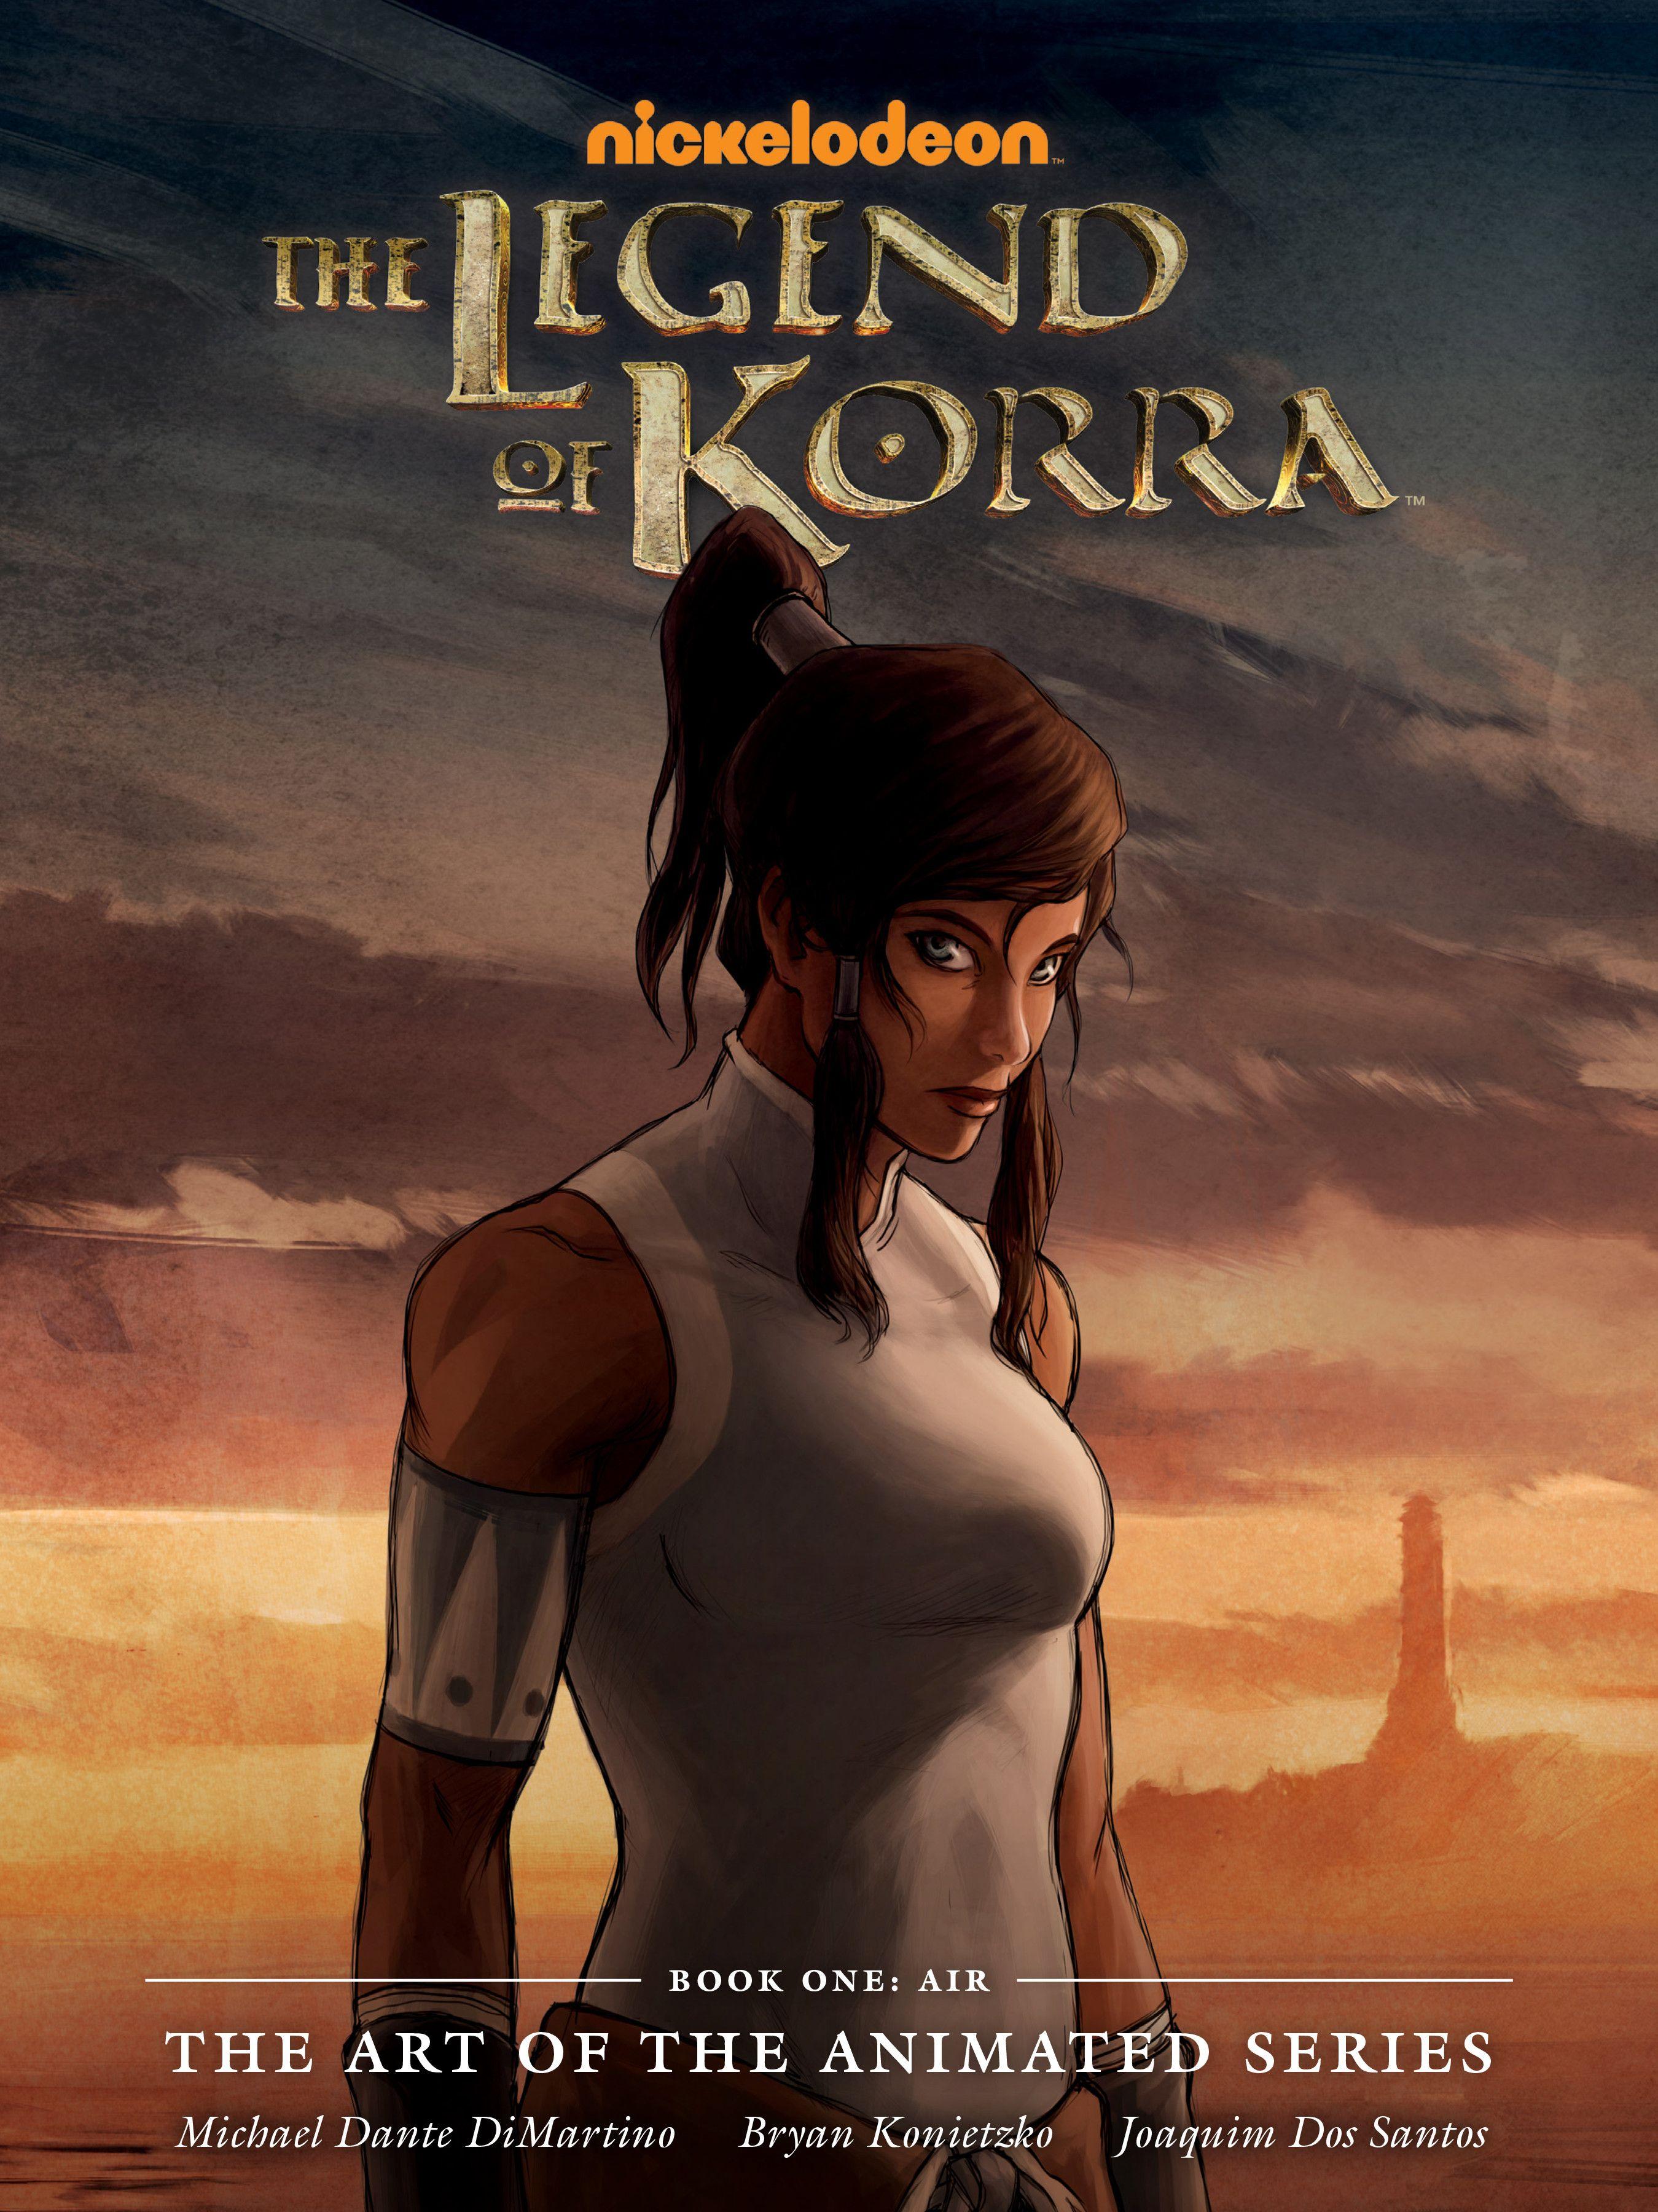 Artbook book one air legend of korra korra korra comic